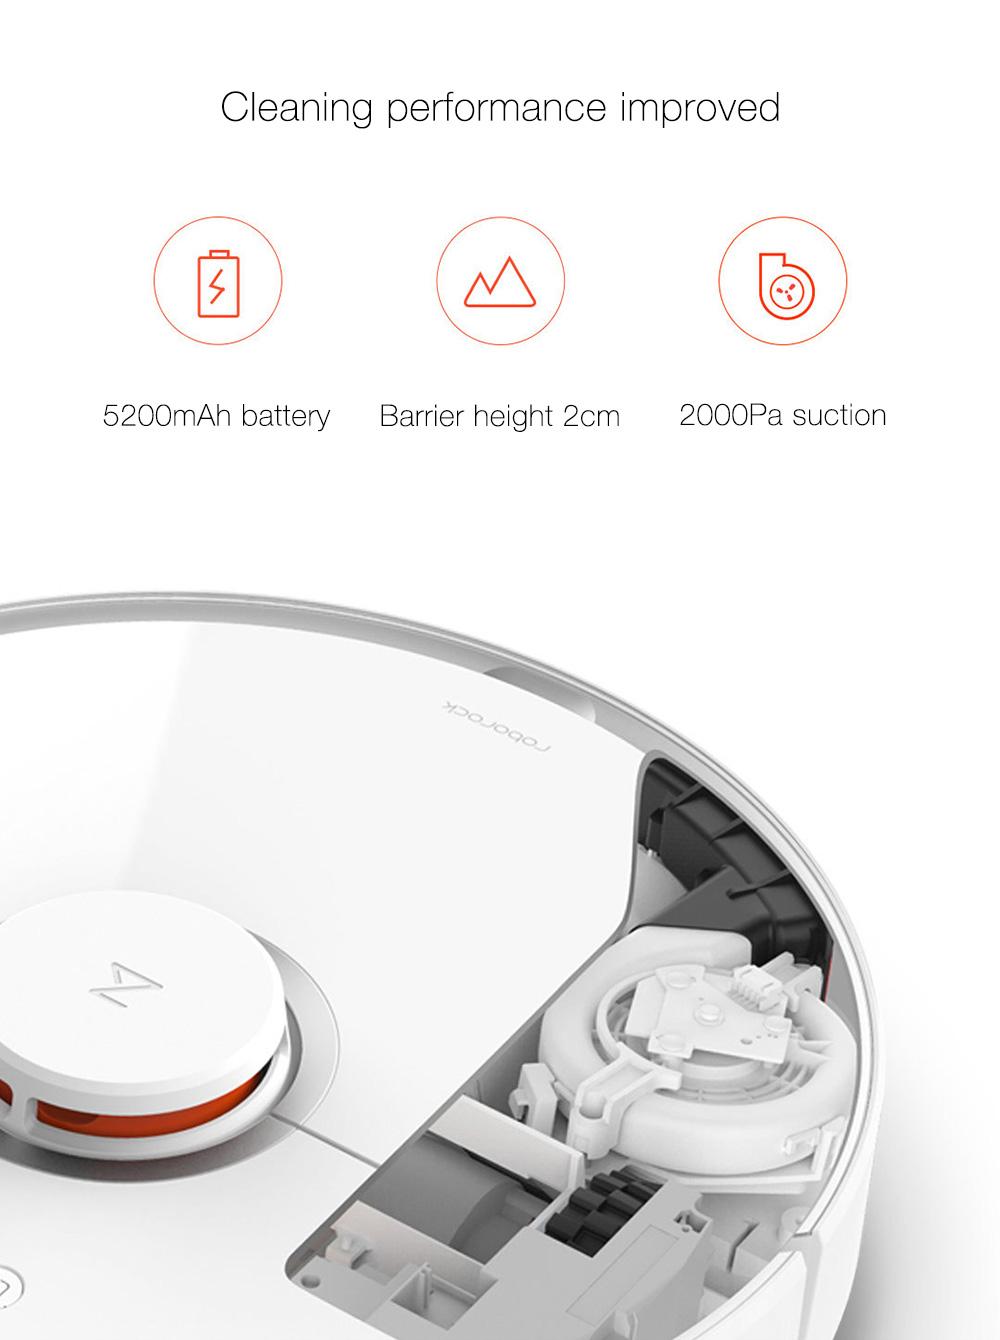 Xiaomi-Mi-Robot-Vacuum-Cleaner-2-20170921175229639